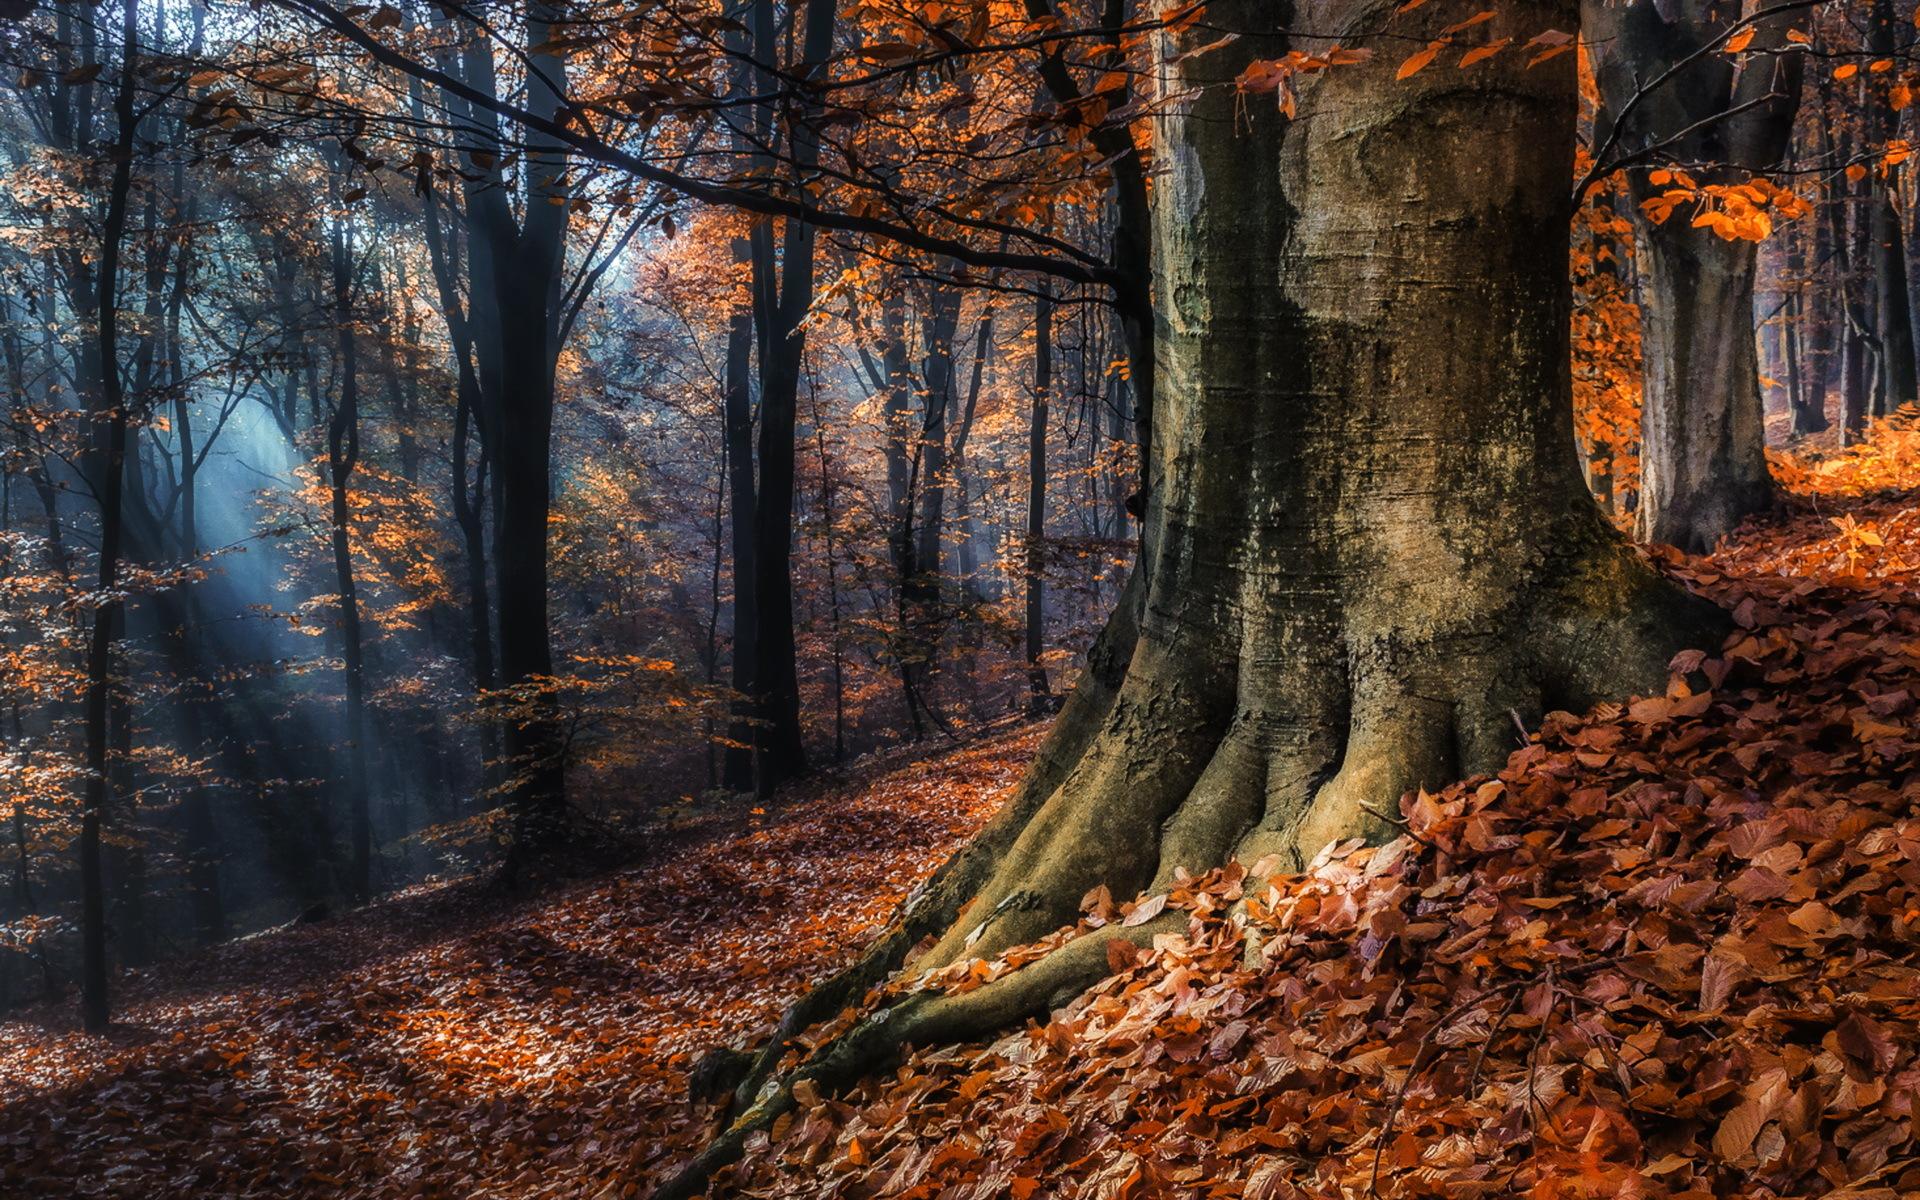 осенний лес фото картинки на рабочий стол этом